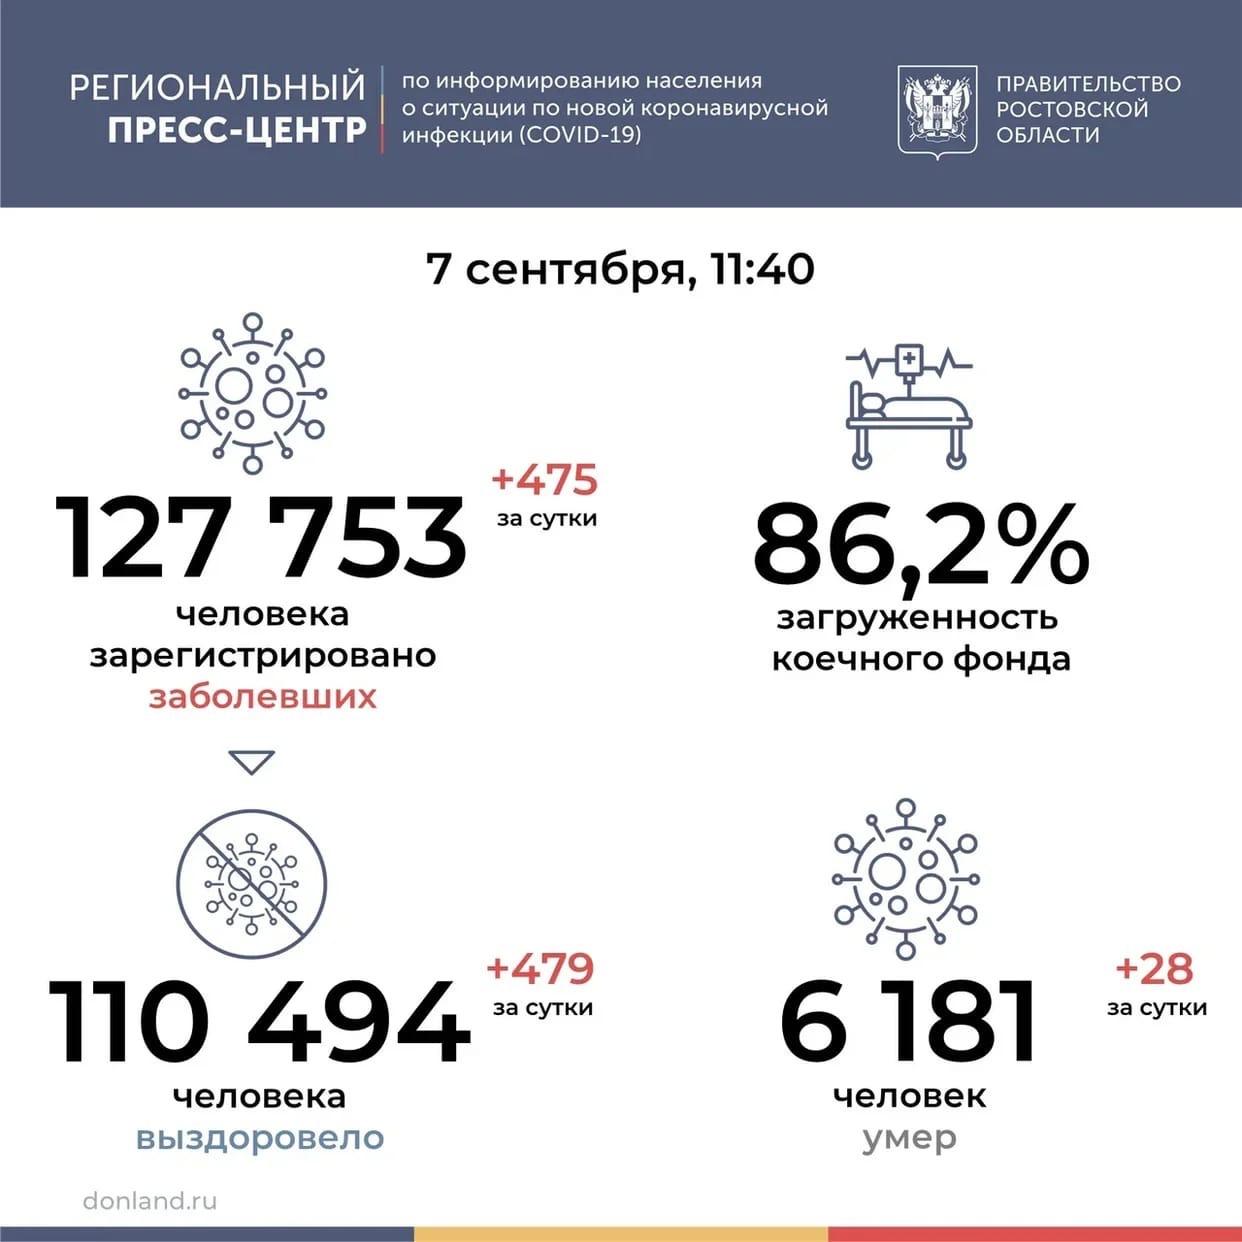 В Ростовской области от коронавируса умерли 28 человек